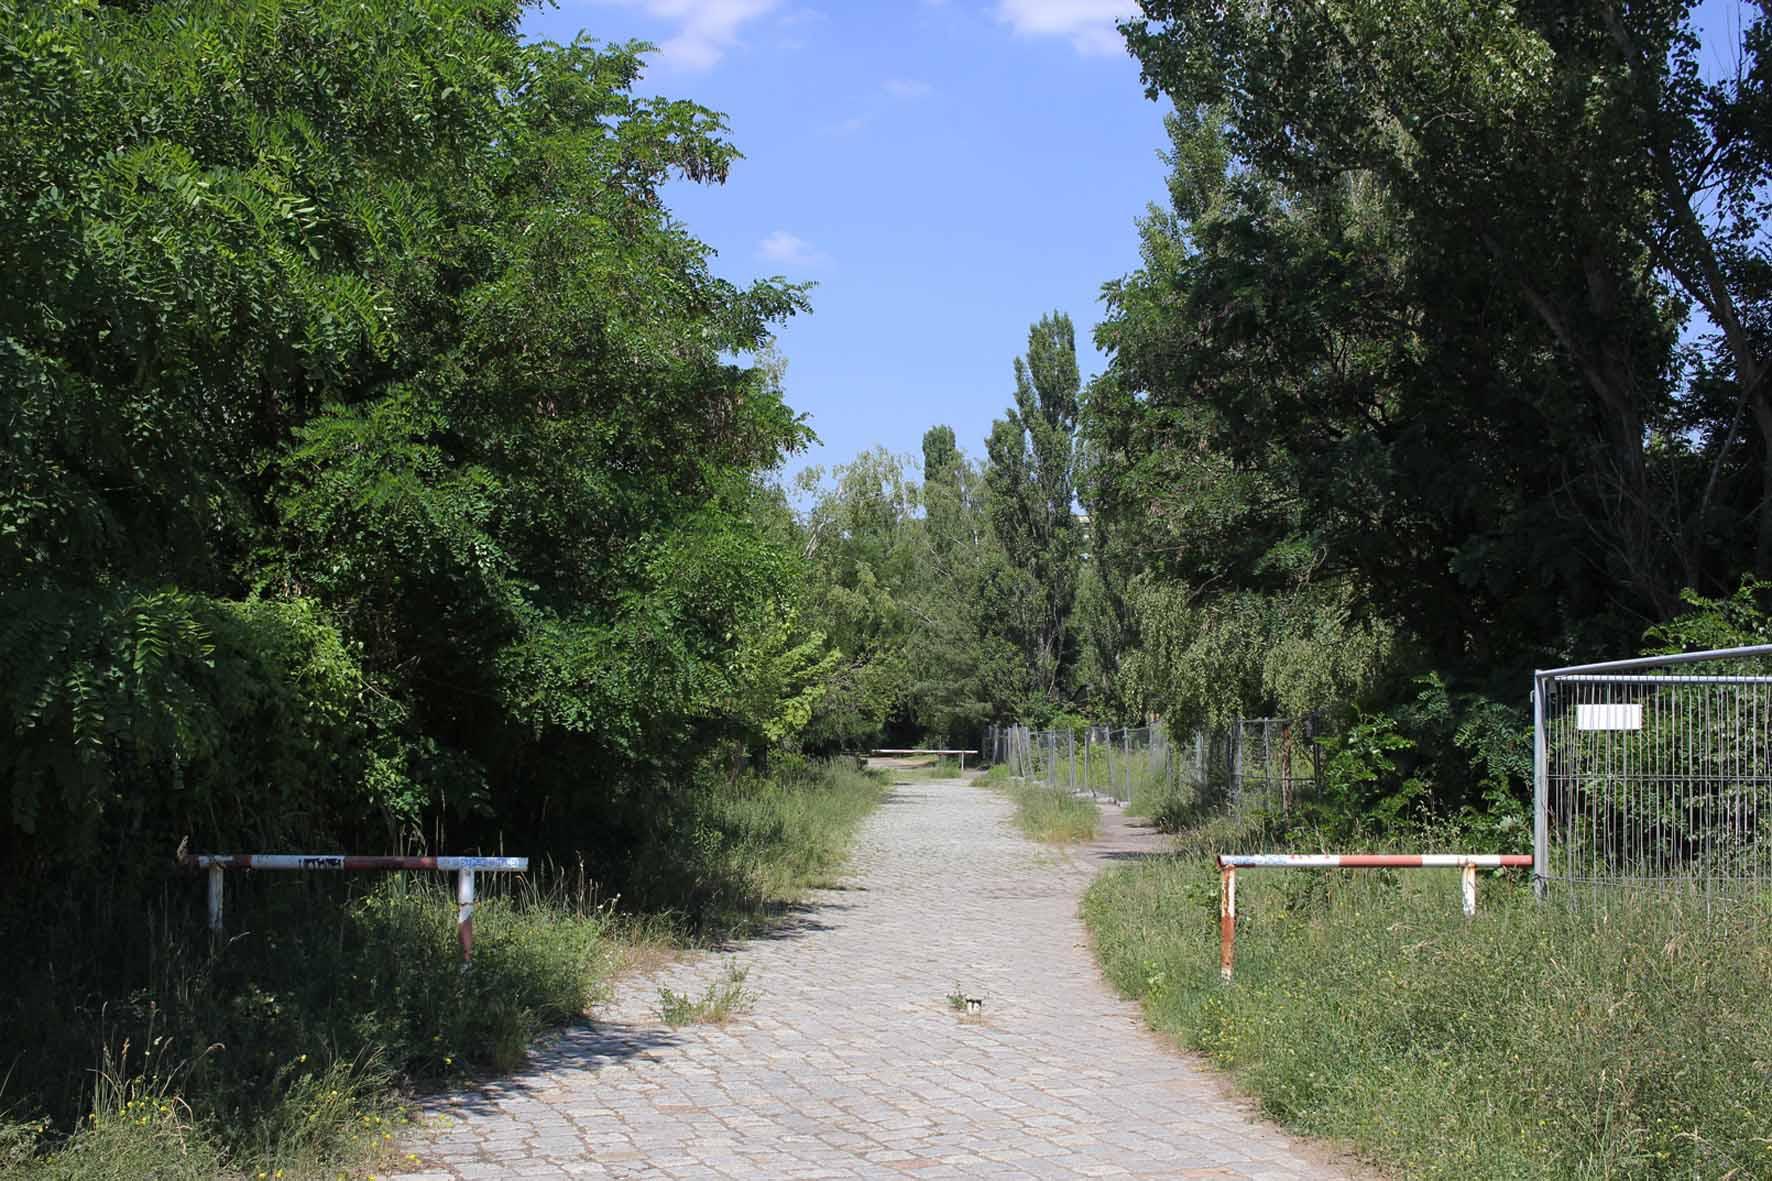 Ein Weg parallel zu den S-Bahn Schienen an der Grenze von Parks Range und Doughboy City - ein ehemaliger Truppenübungsplatz der US Army Berlin Brigade